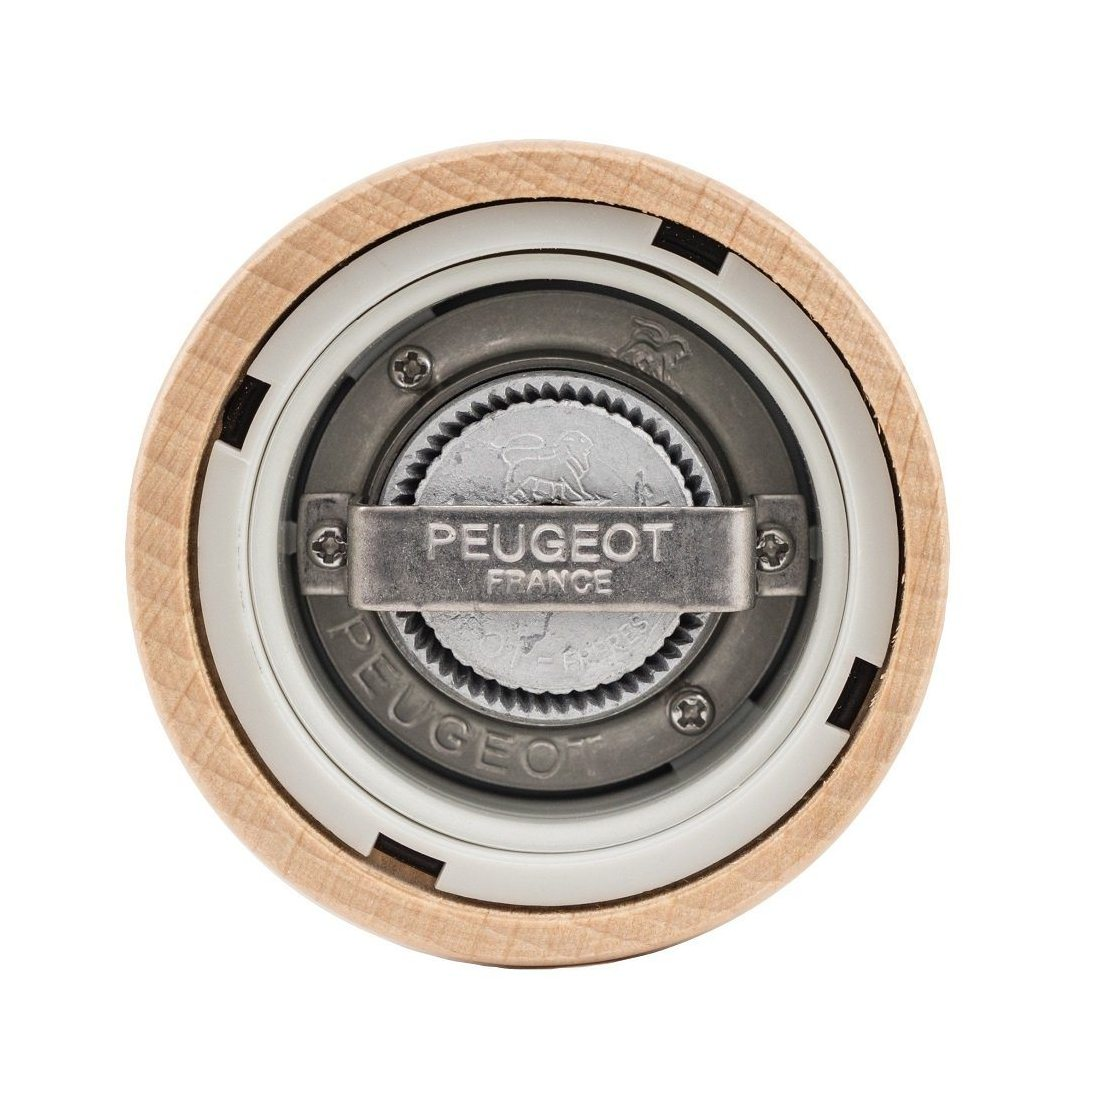 Peugeot Paris U'Select Moulin à Poivre Naturel 22 cm